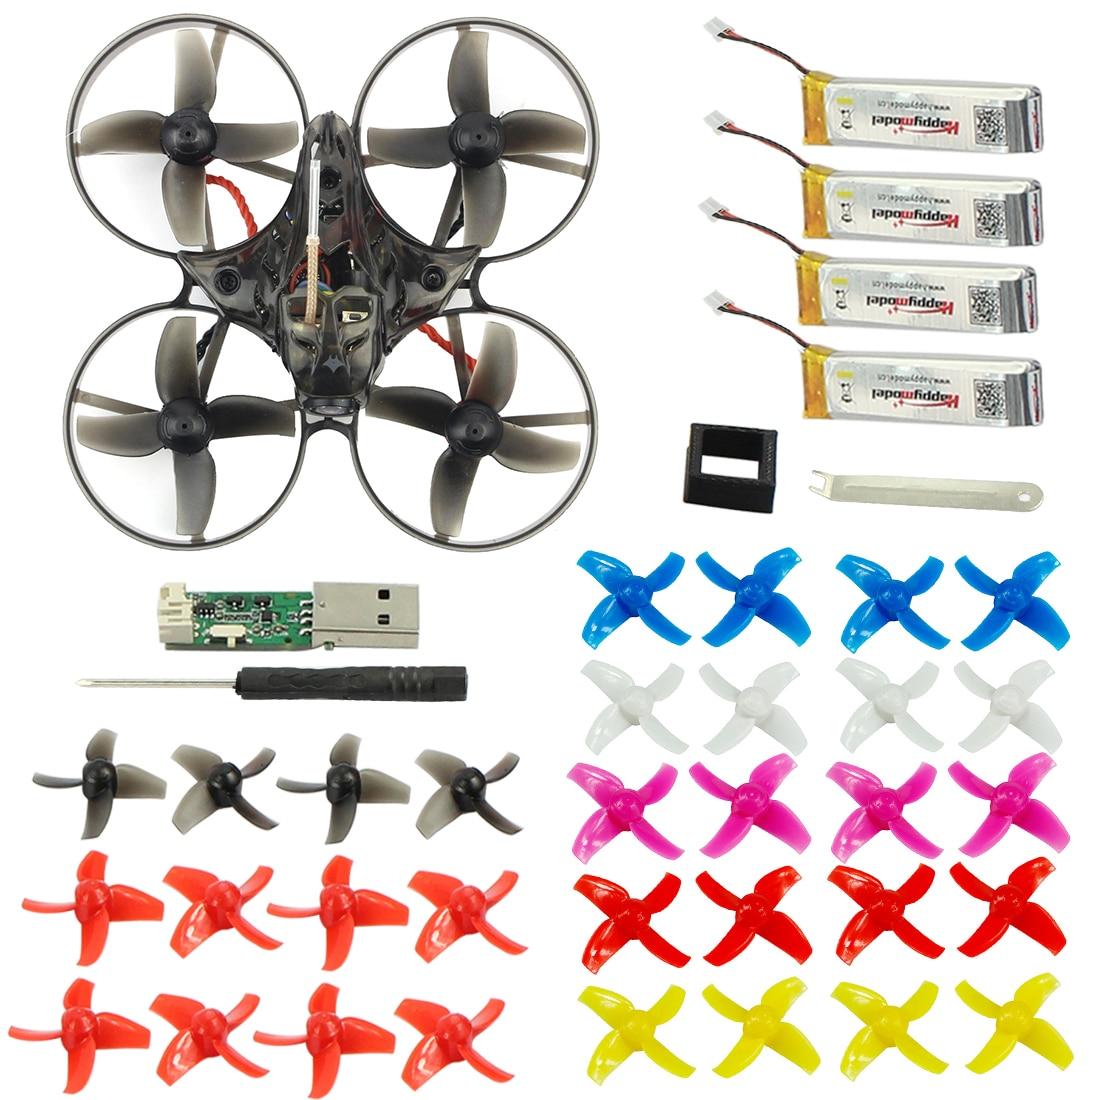 Mobula 7 75 millimetri Crazybee F3 Pro OSD 2 S BWhoop FPV Da Corsa Drone w/700TVL Fotocamera BNF con extra 10 pairs elica - 6